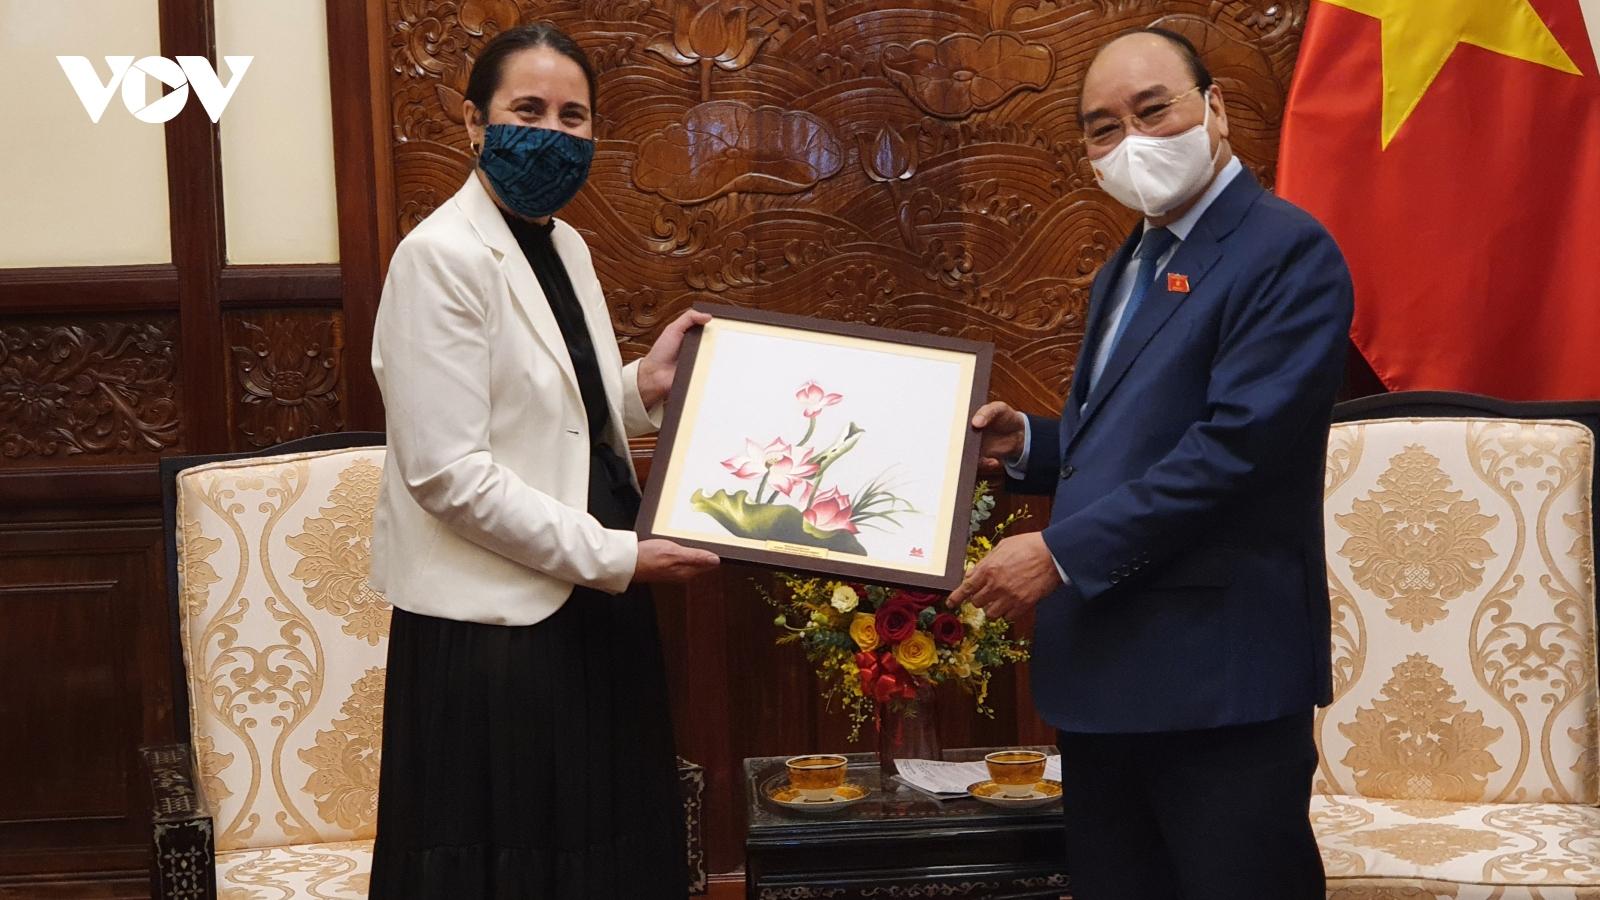 Việt Nam đánh giá cao vai trò lãnh đạo của New Zealand trong năm APEC 2021